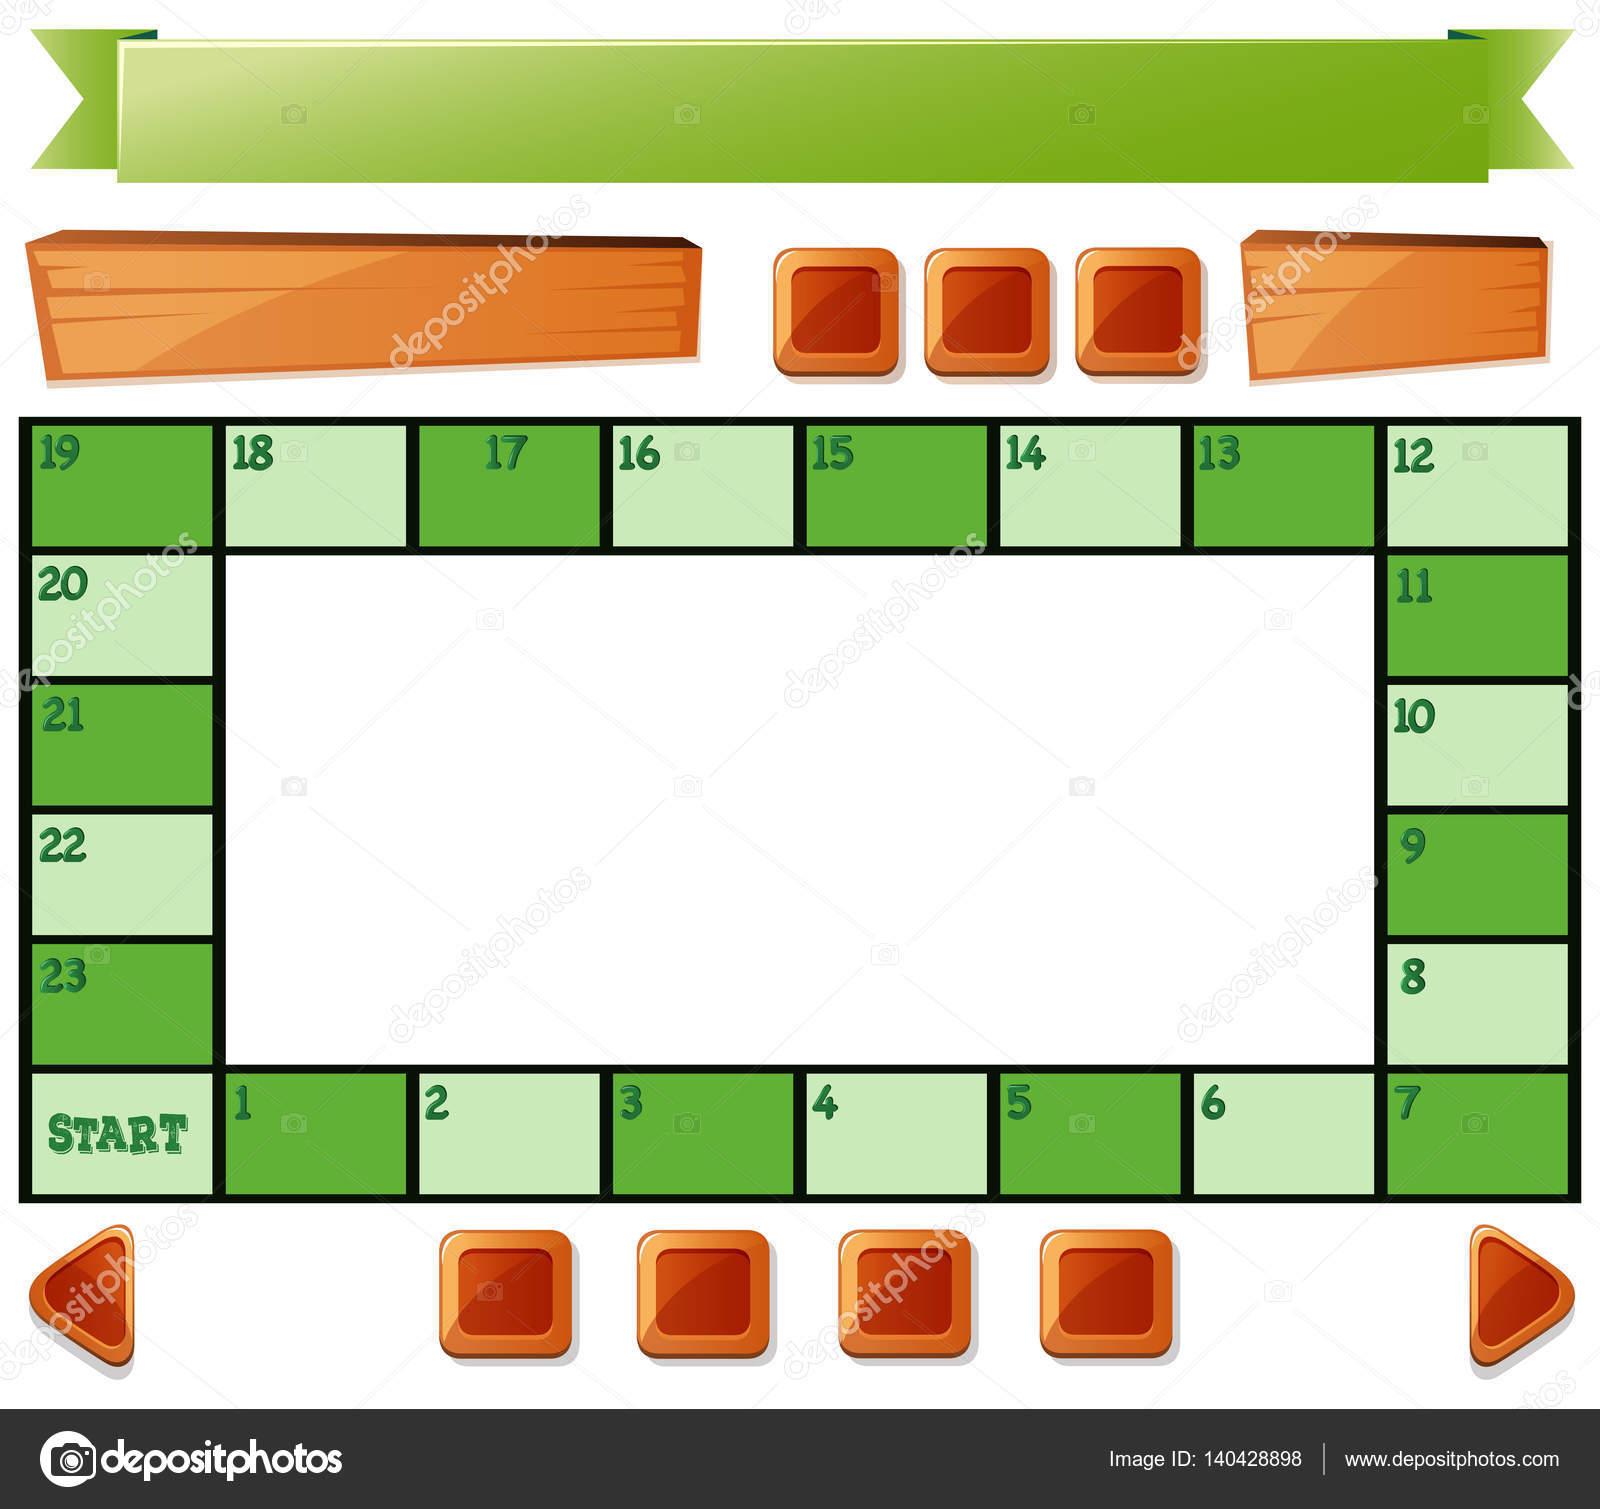 Brettspiel Vorlage und Tasten — Stockvektor © brgfx #140428898